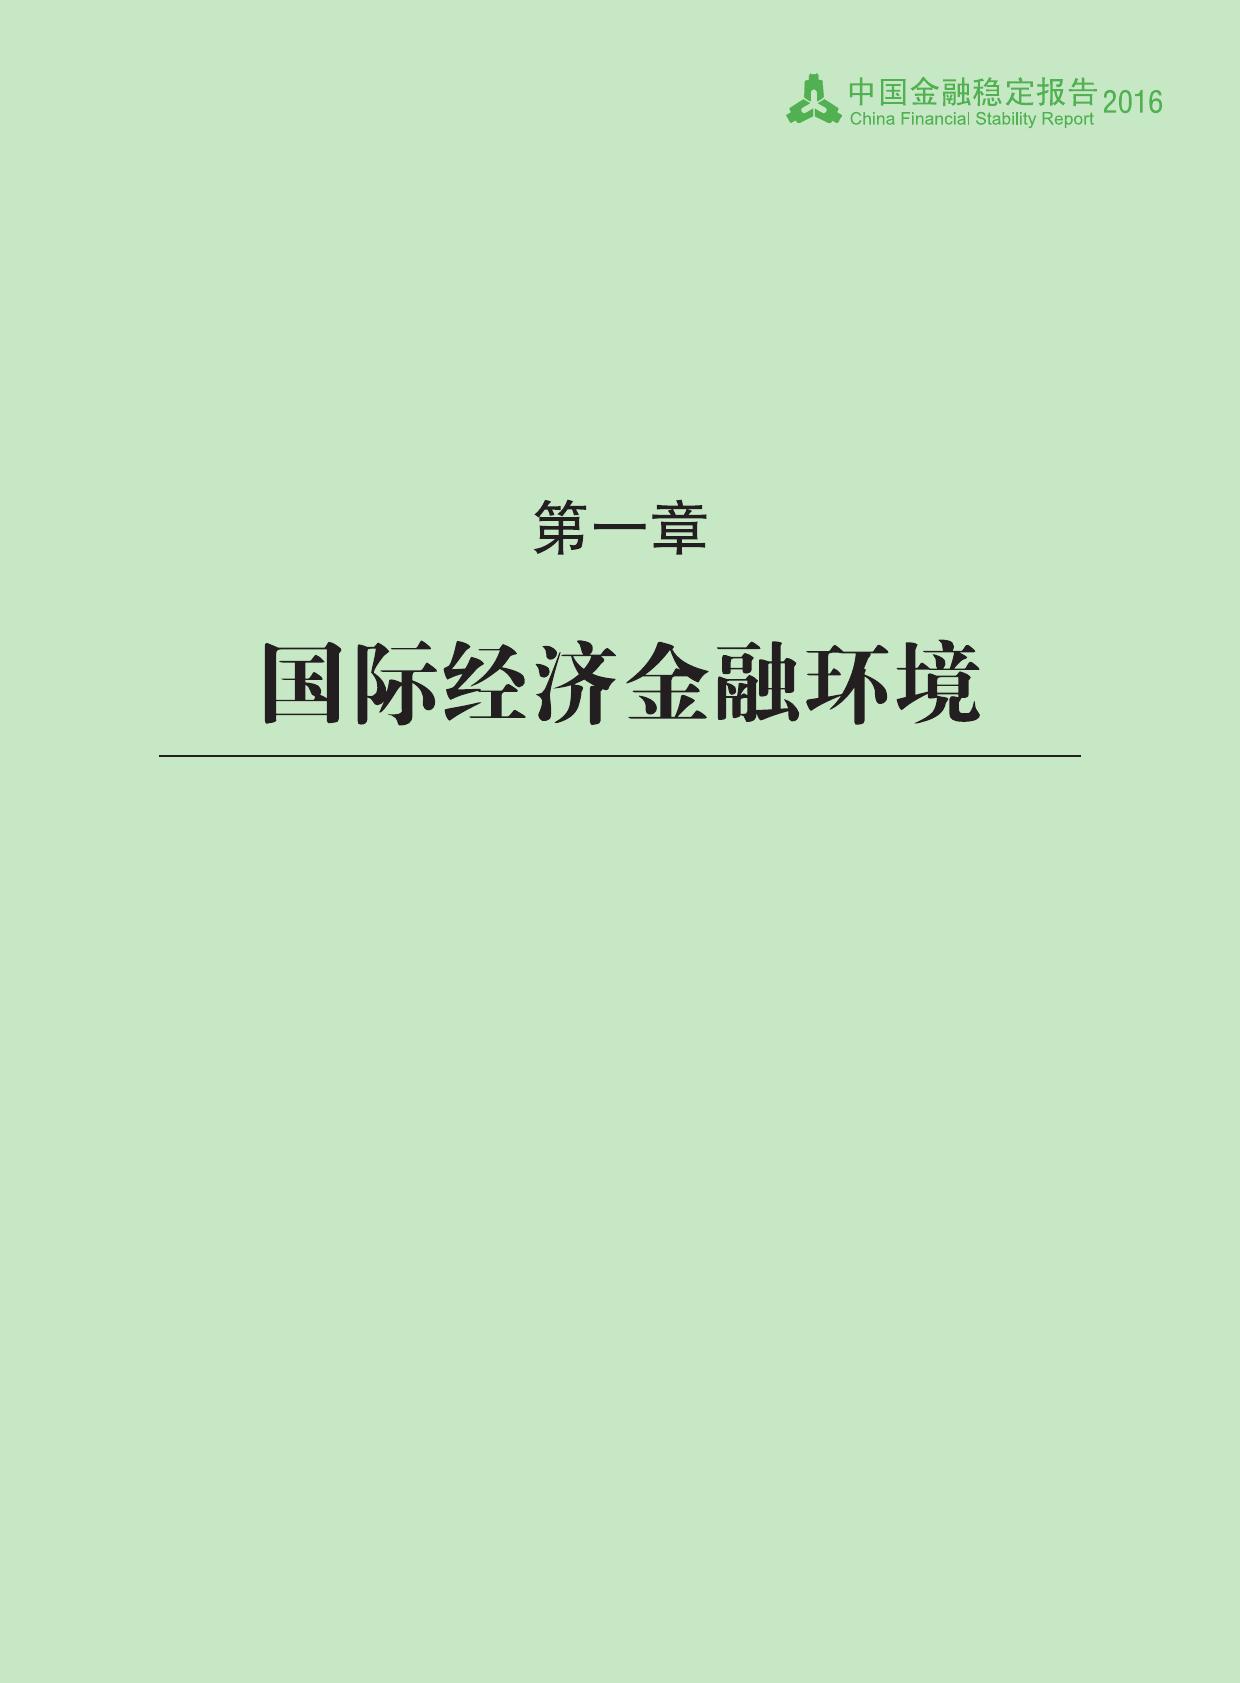 2016年中国金融稳定报告_000011